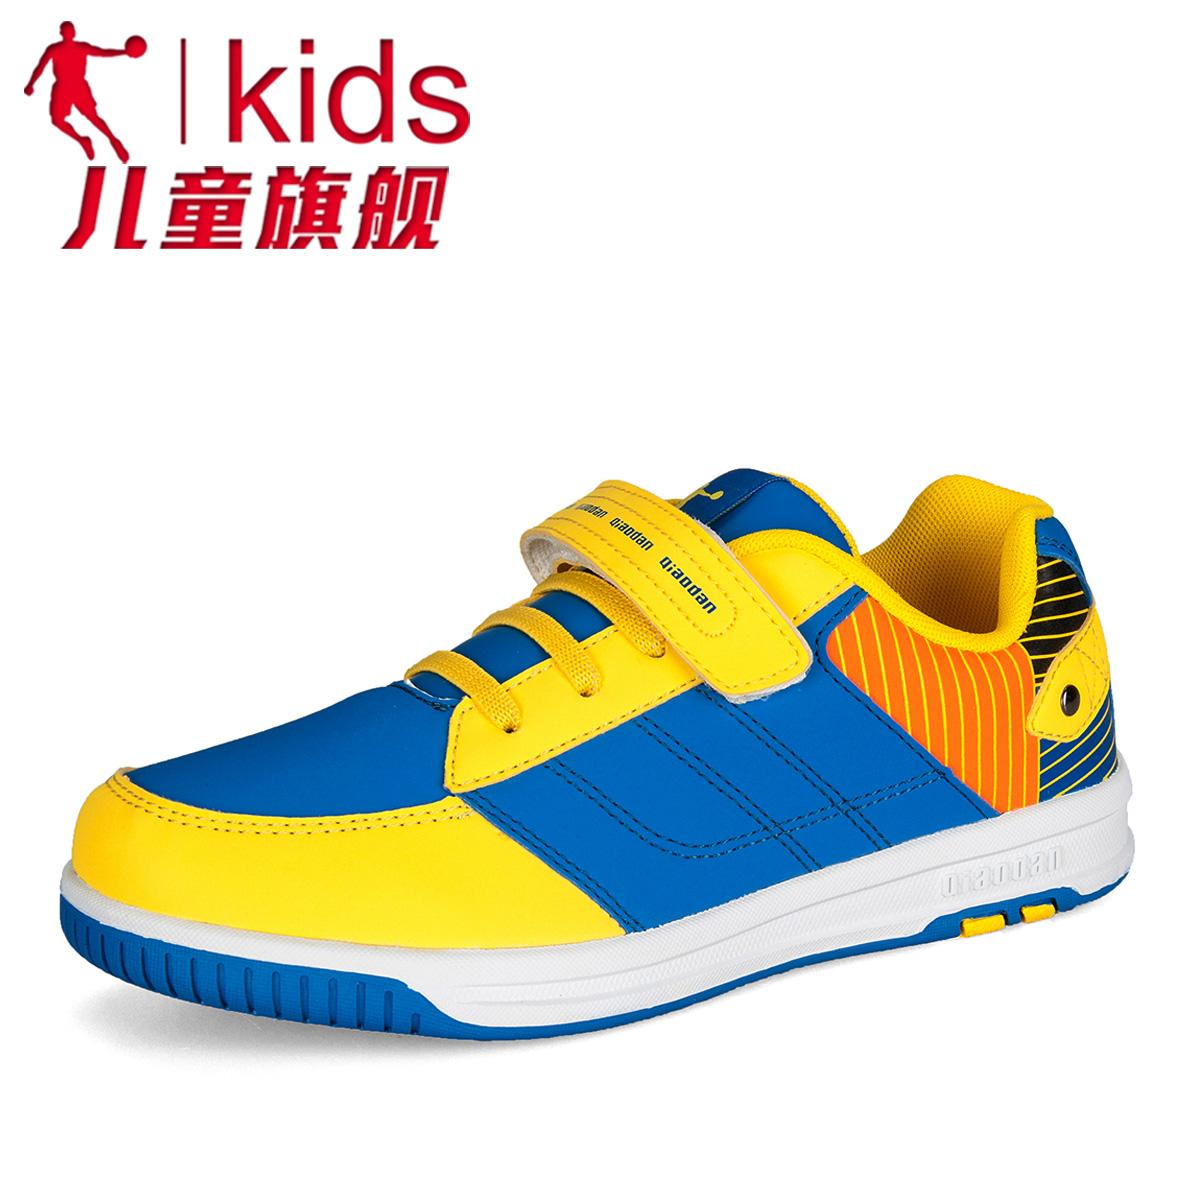 喬丹童鞋 學生板鞋男童鞋春款 鞋 兒童 鞋防滑耐磨鞋子男